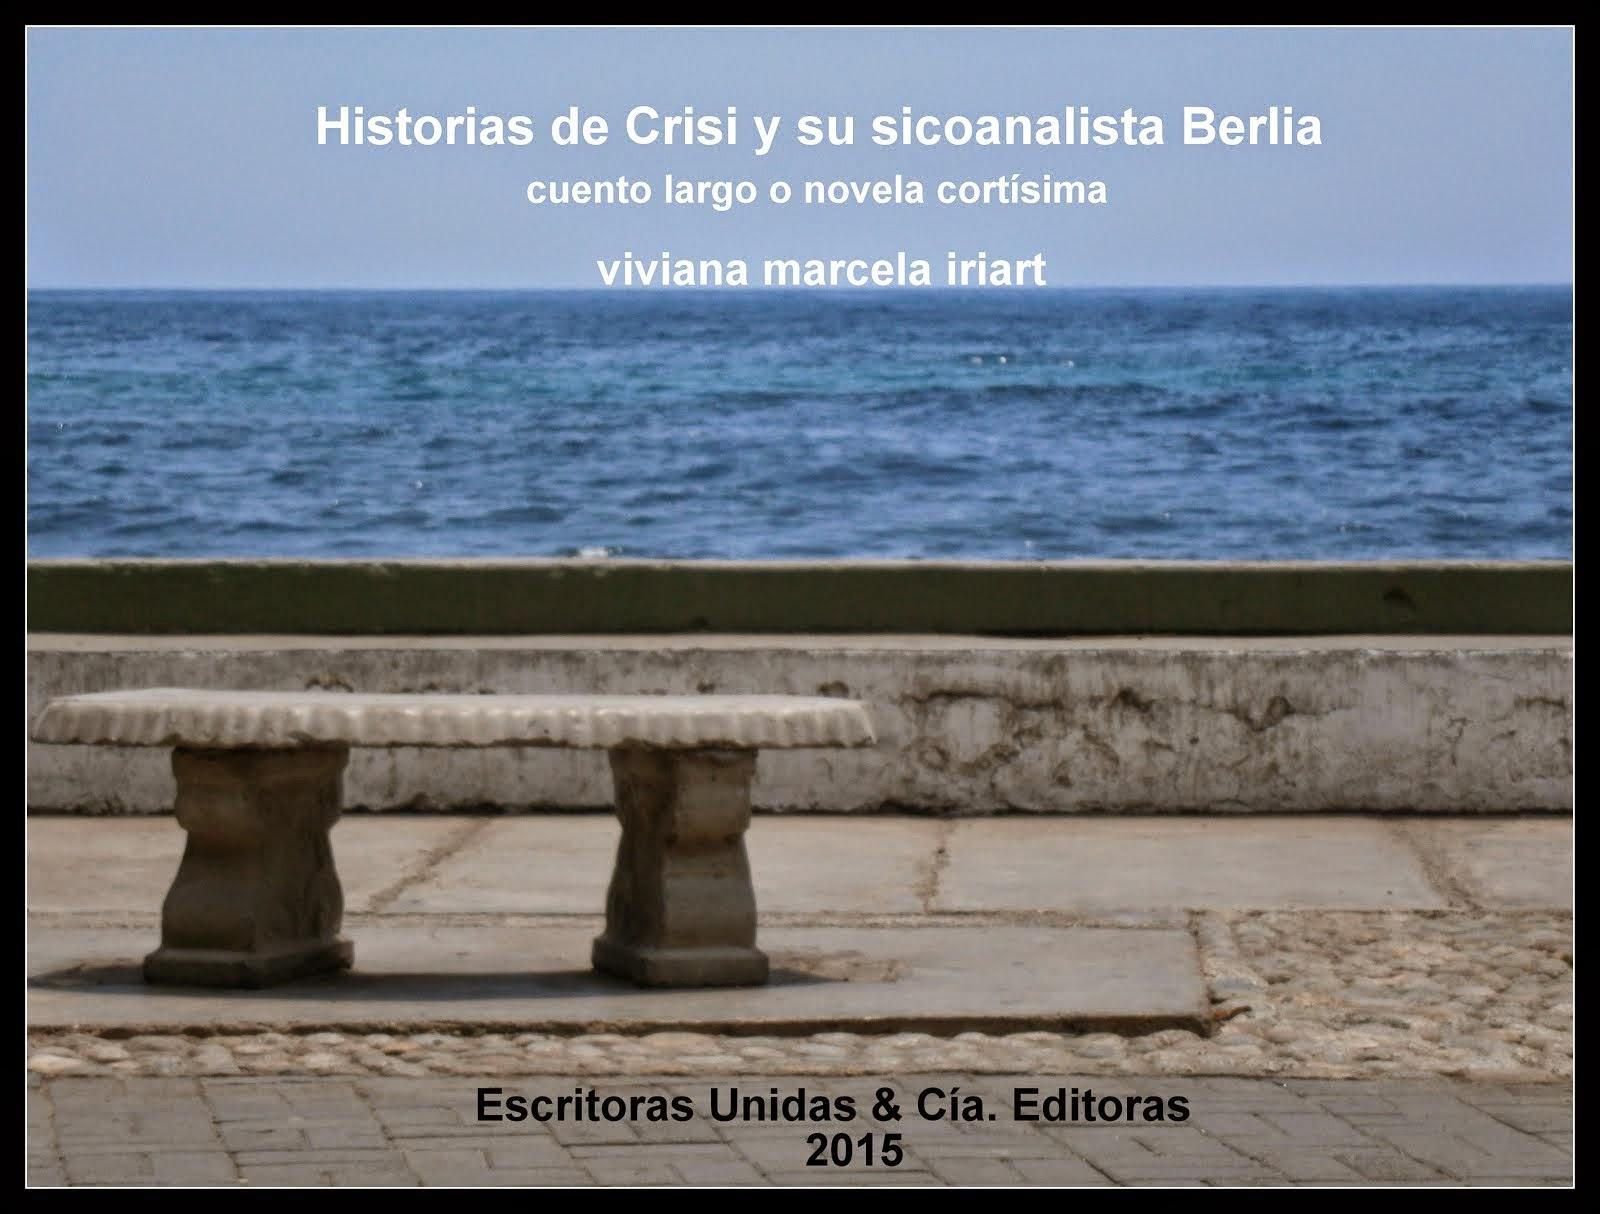 Historias de Crisi y su sicoanalista Berlia